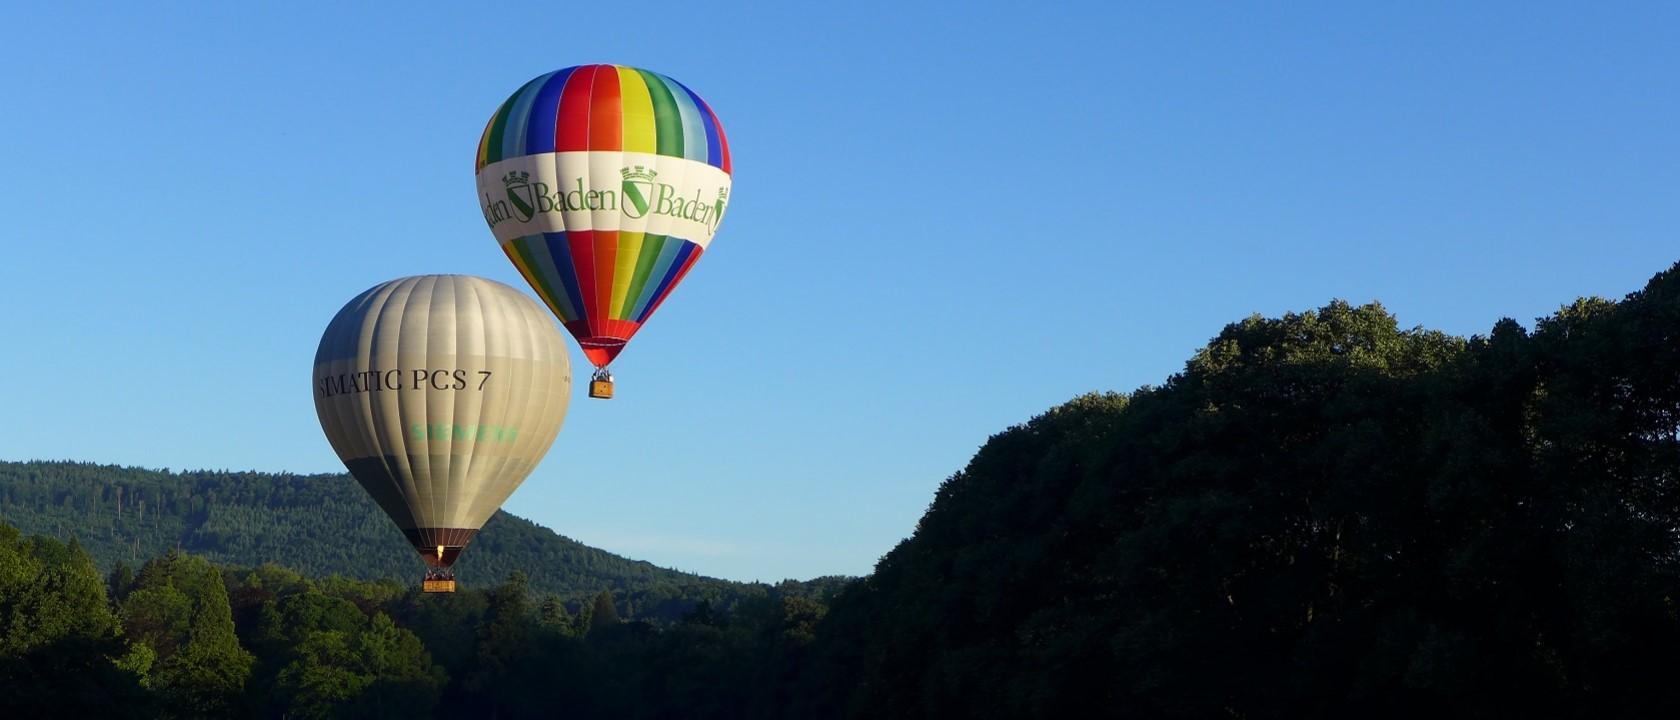 Ballon-Incentice in Baden-Baden